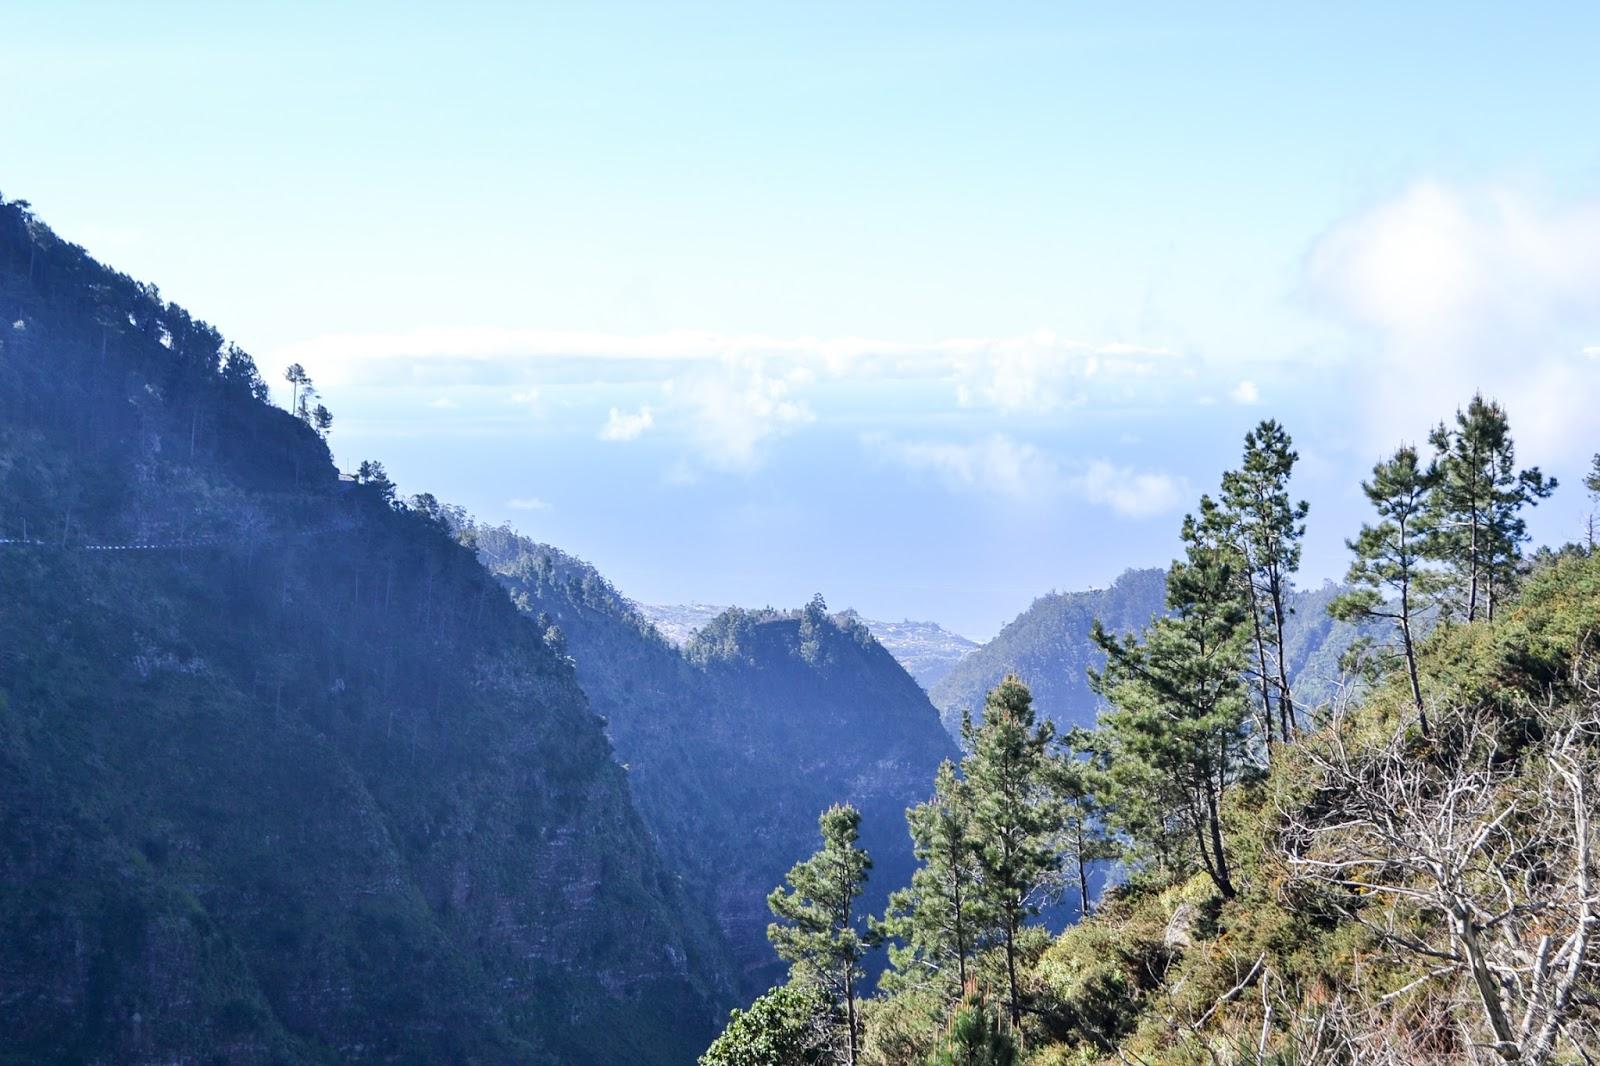 Curral das Freiras, Madeira, Portugal